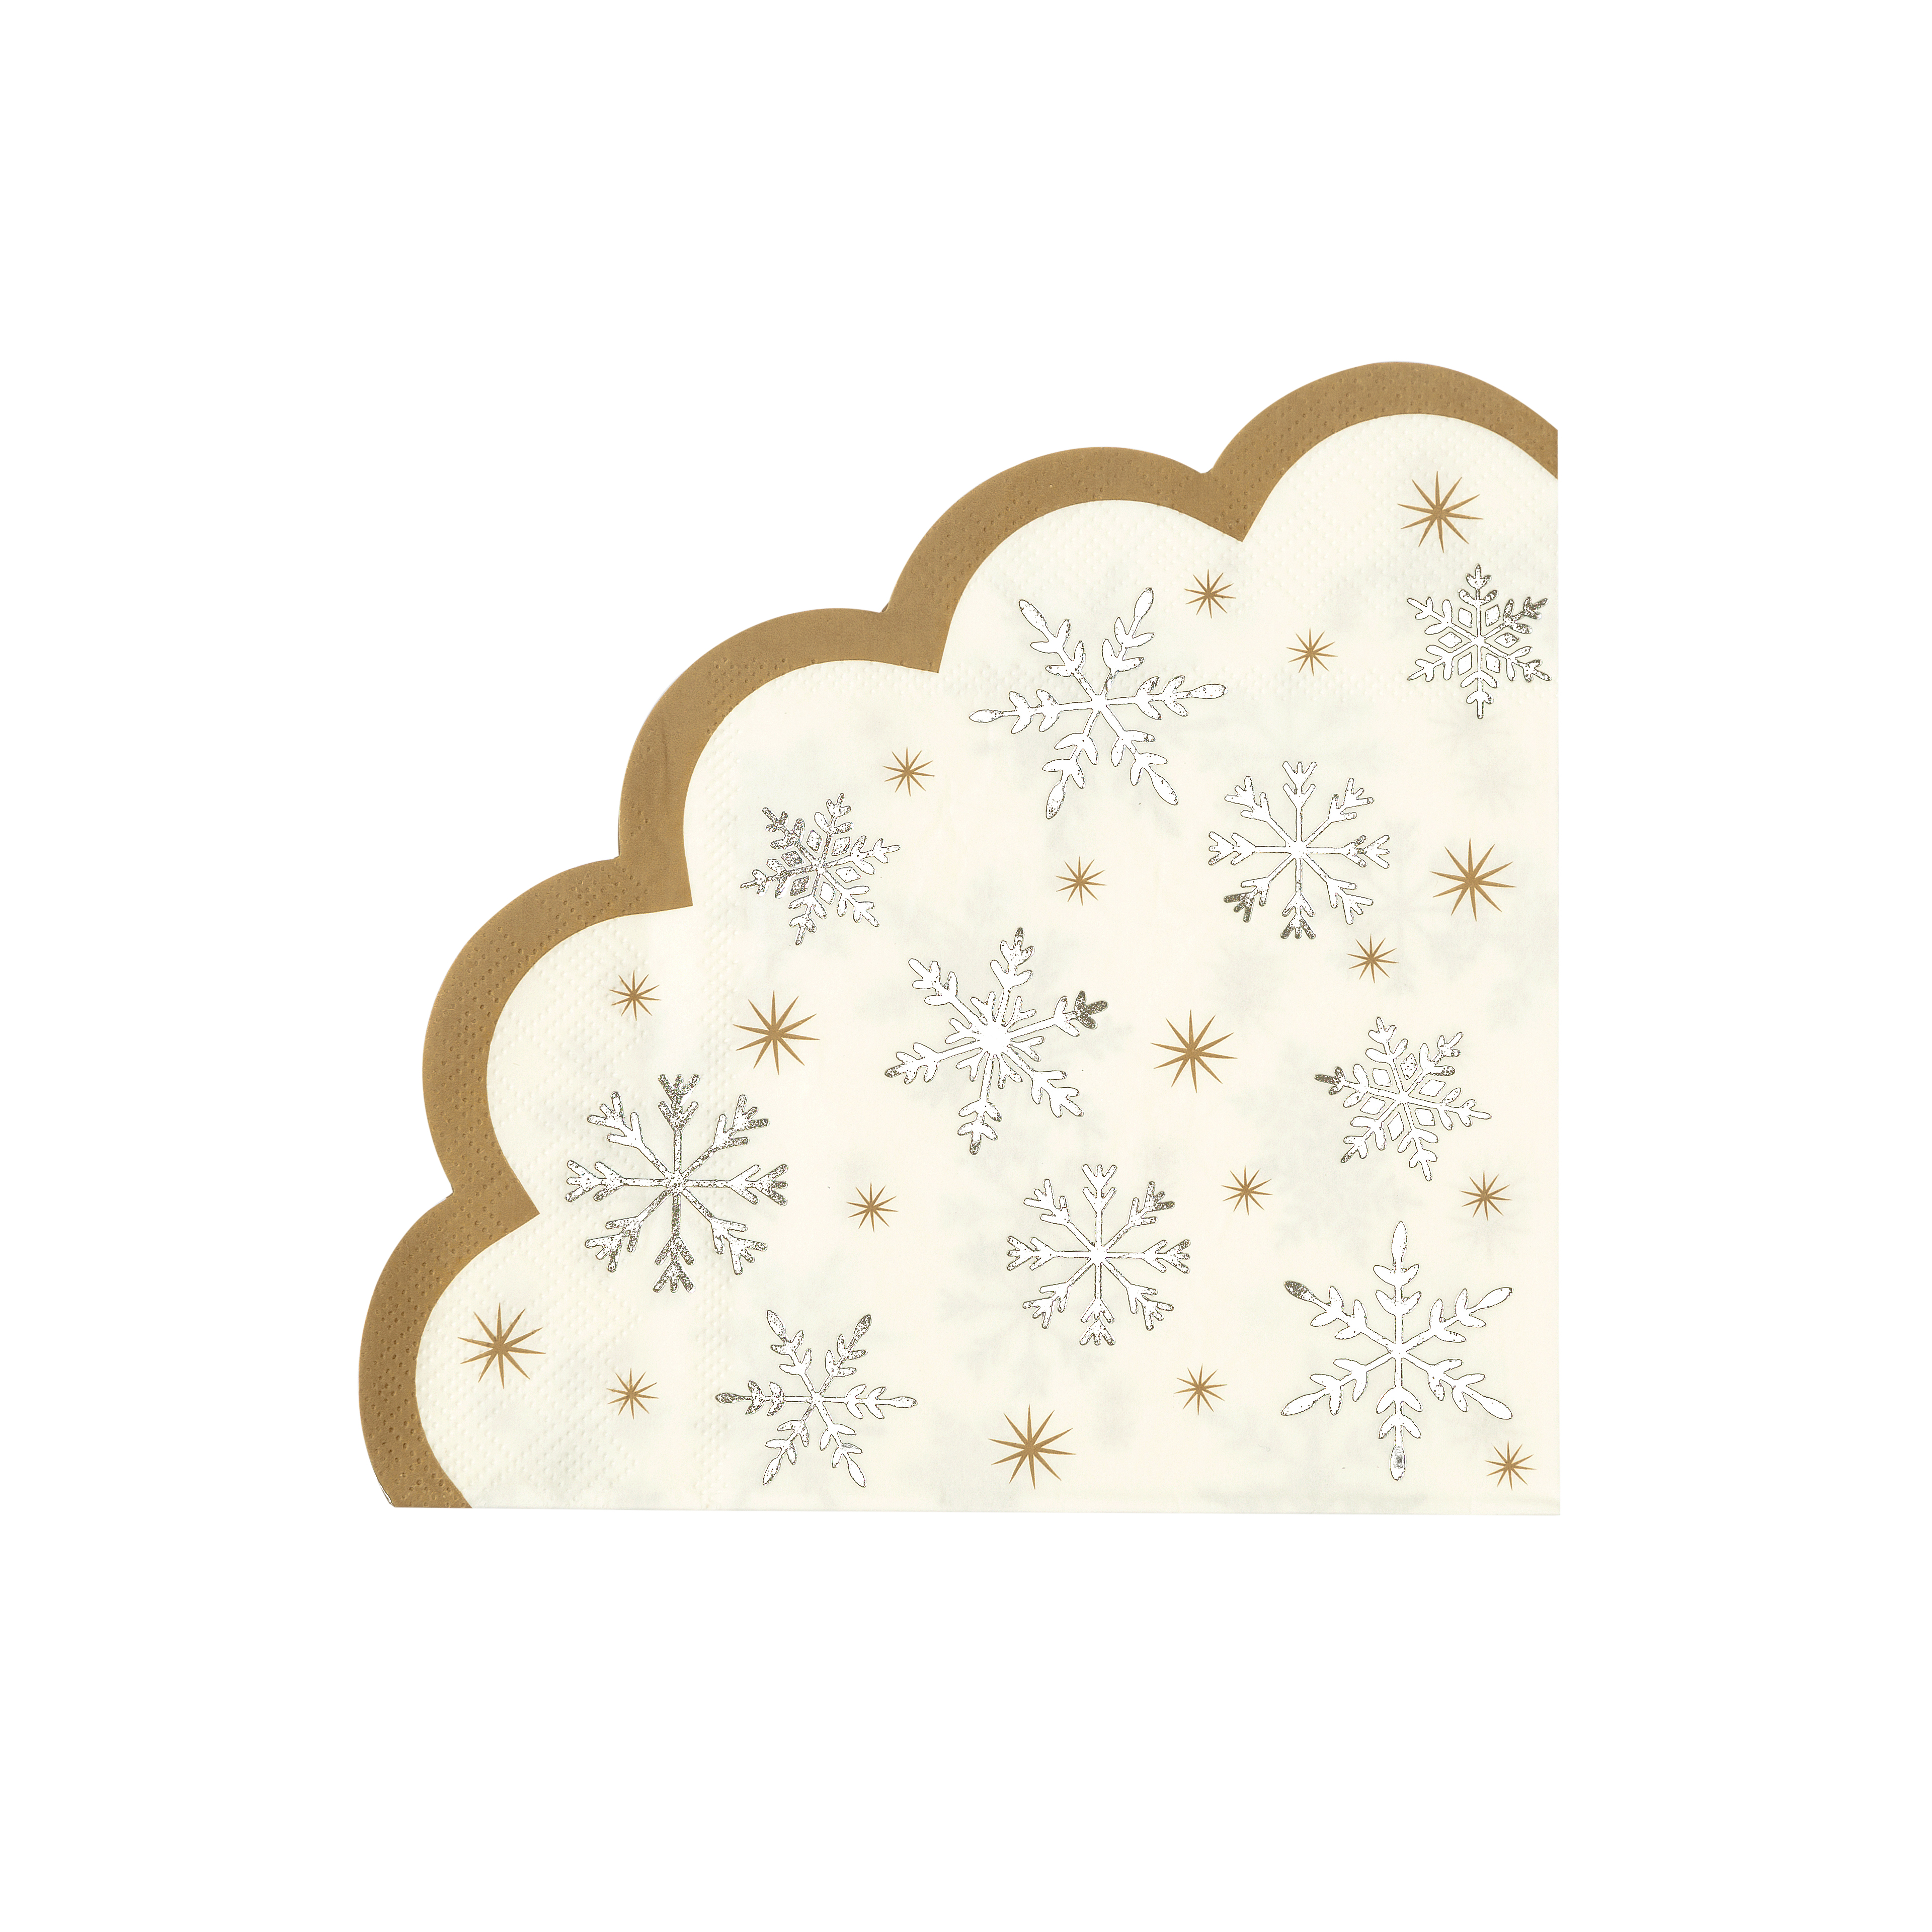 Scalloped Snowflake Napkins - was £3.75